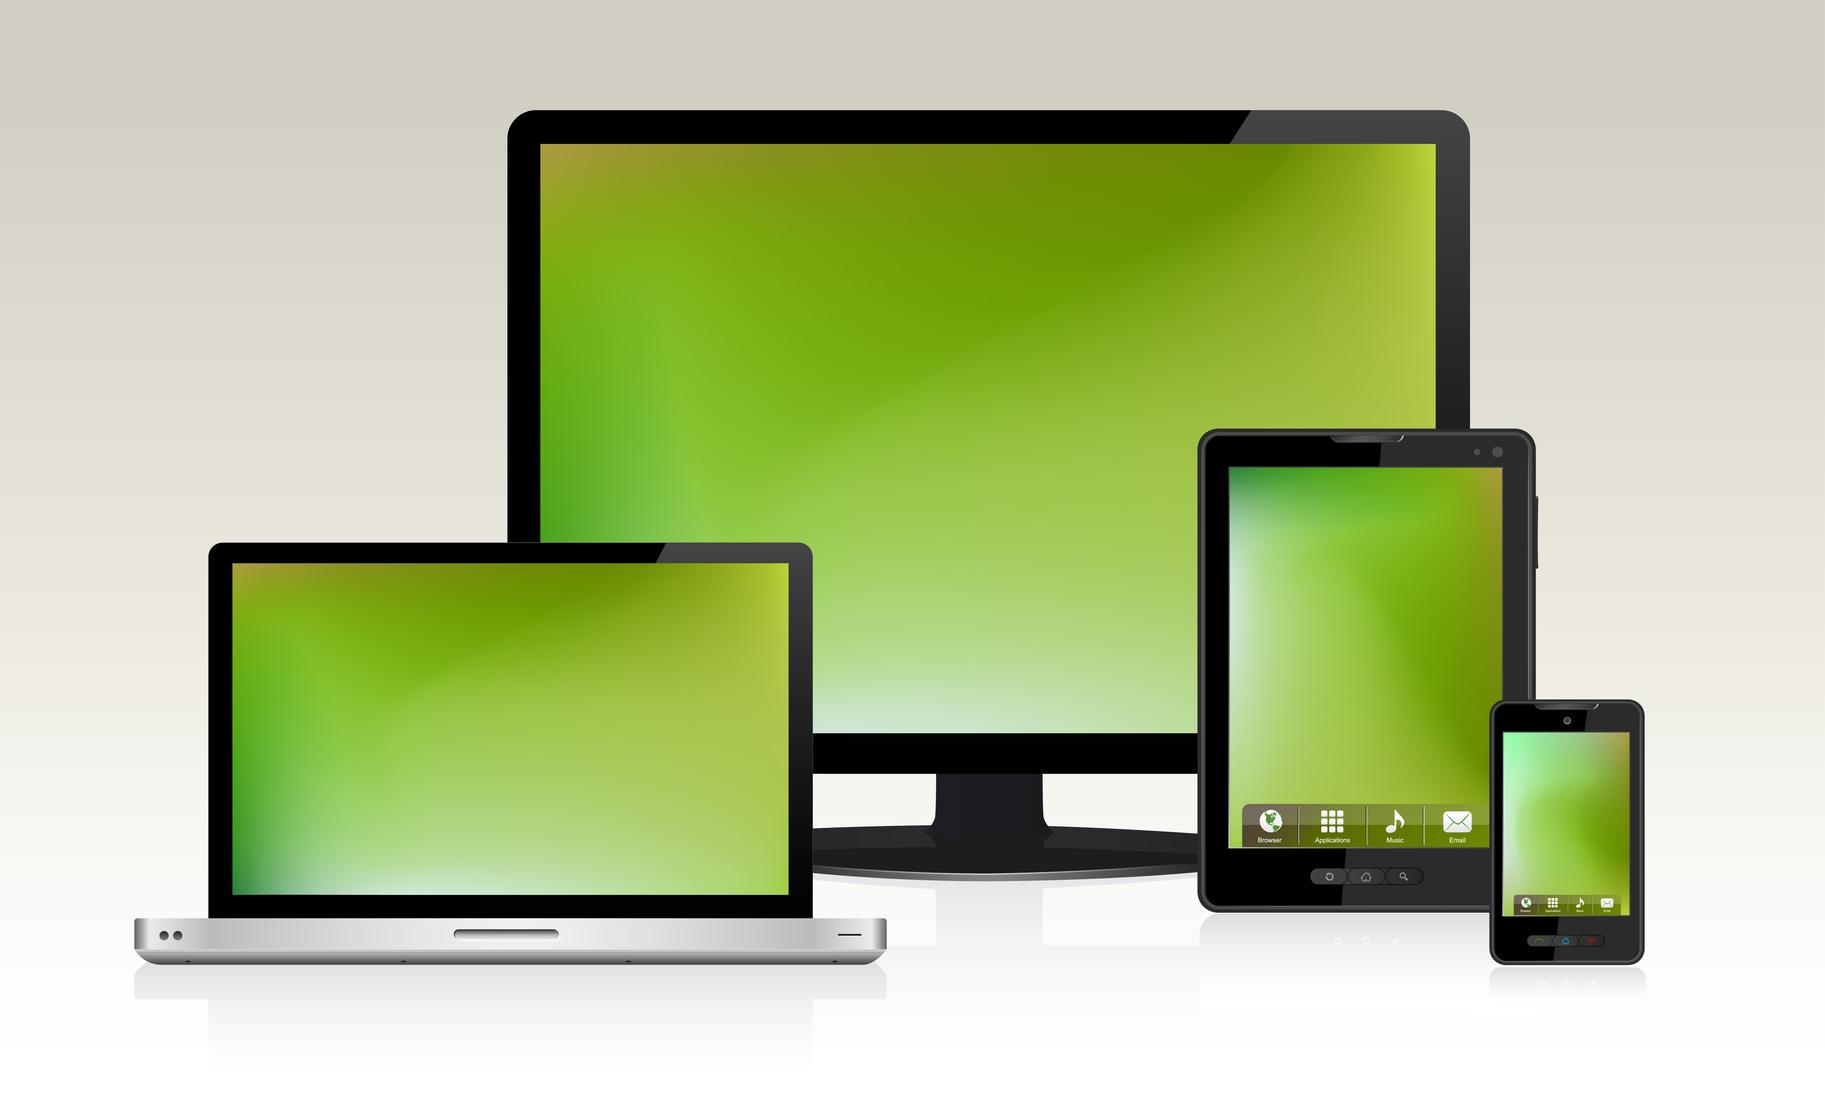 веб камеры i знакомства и общение